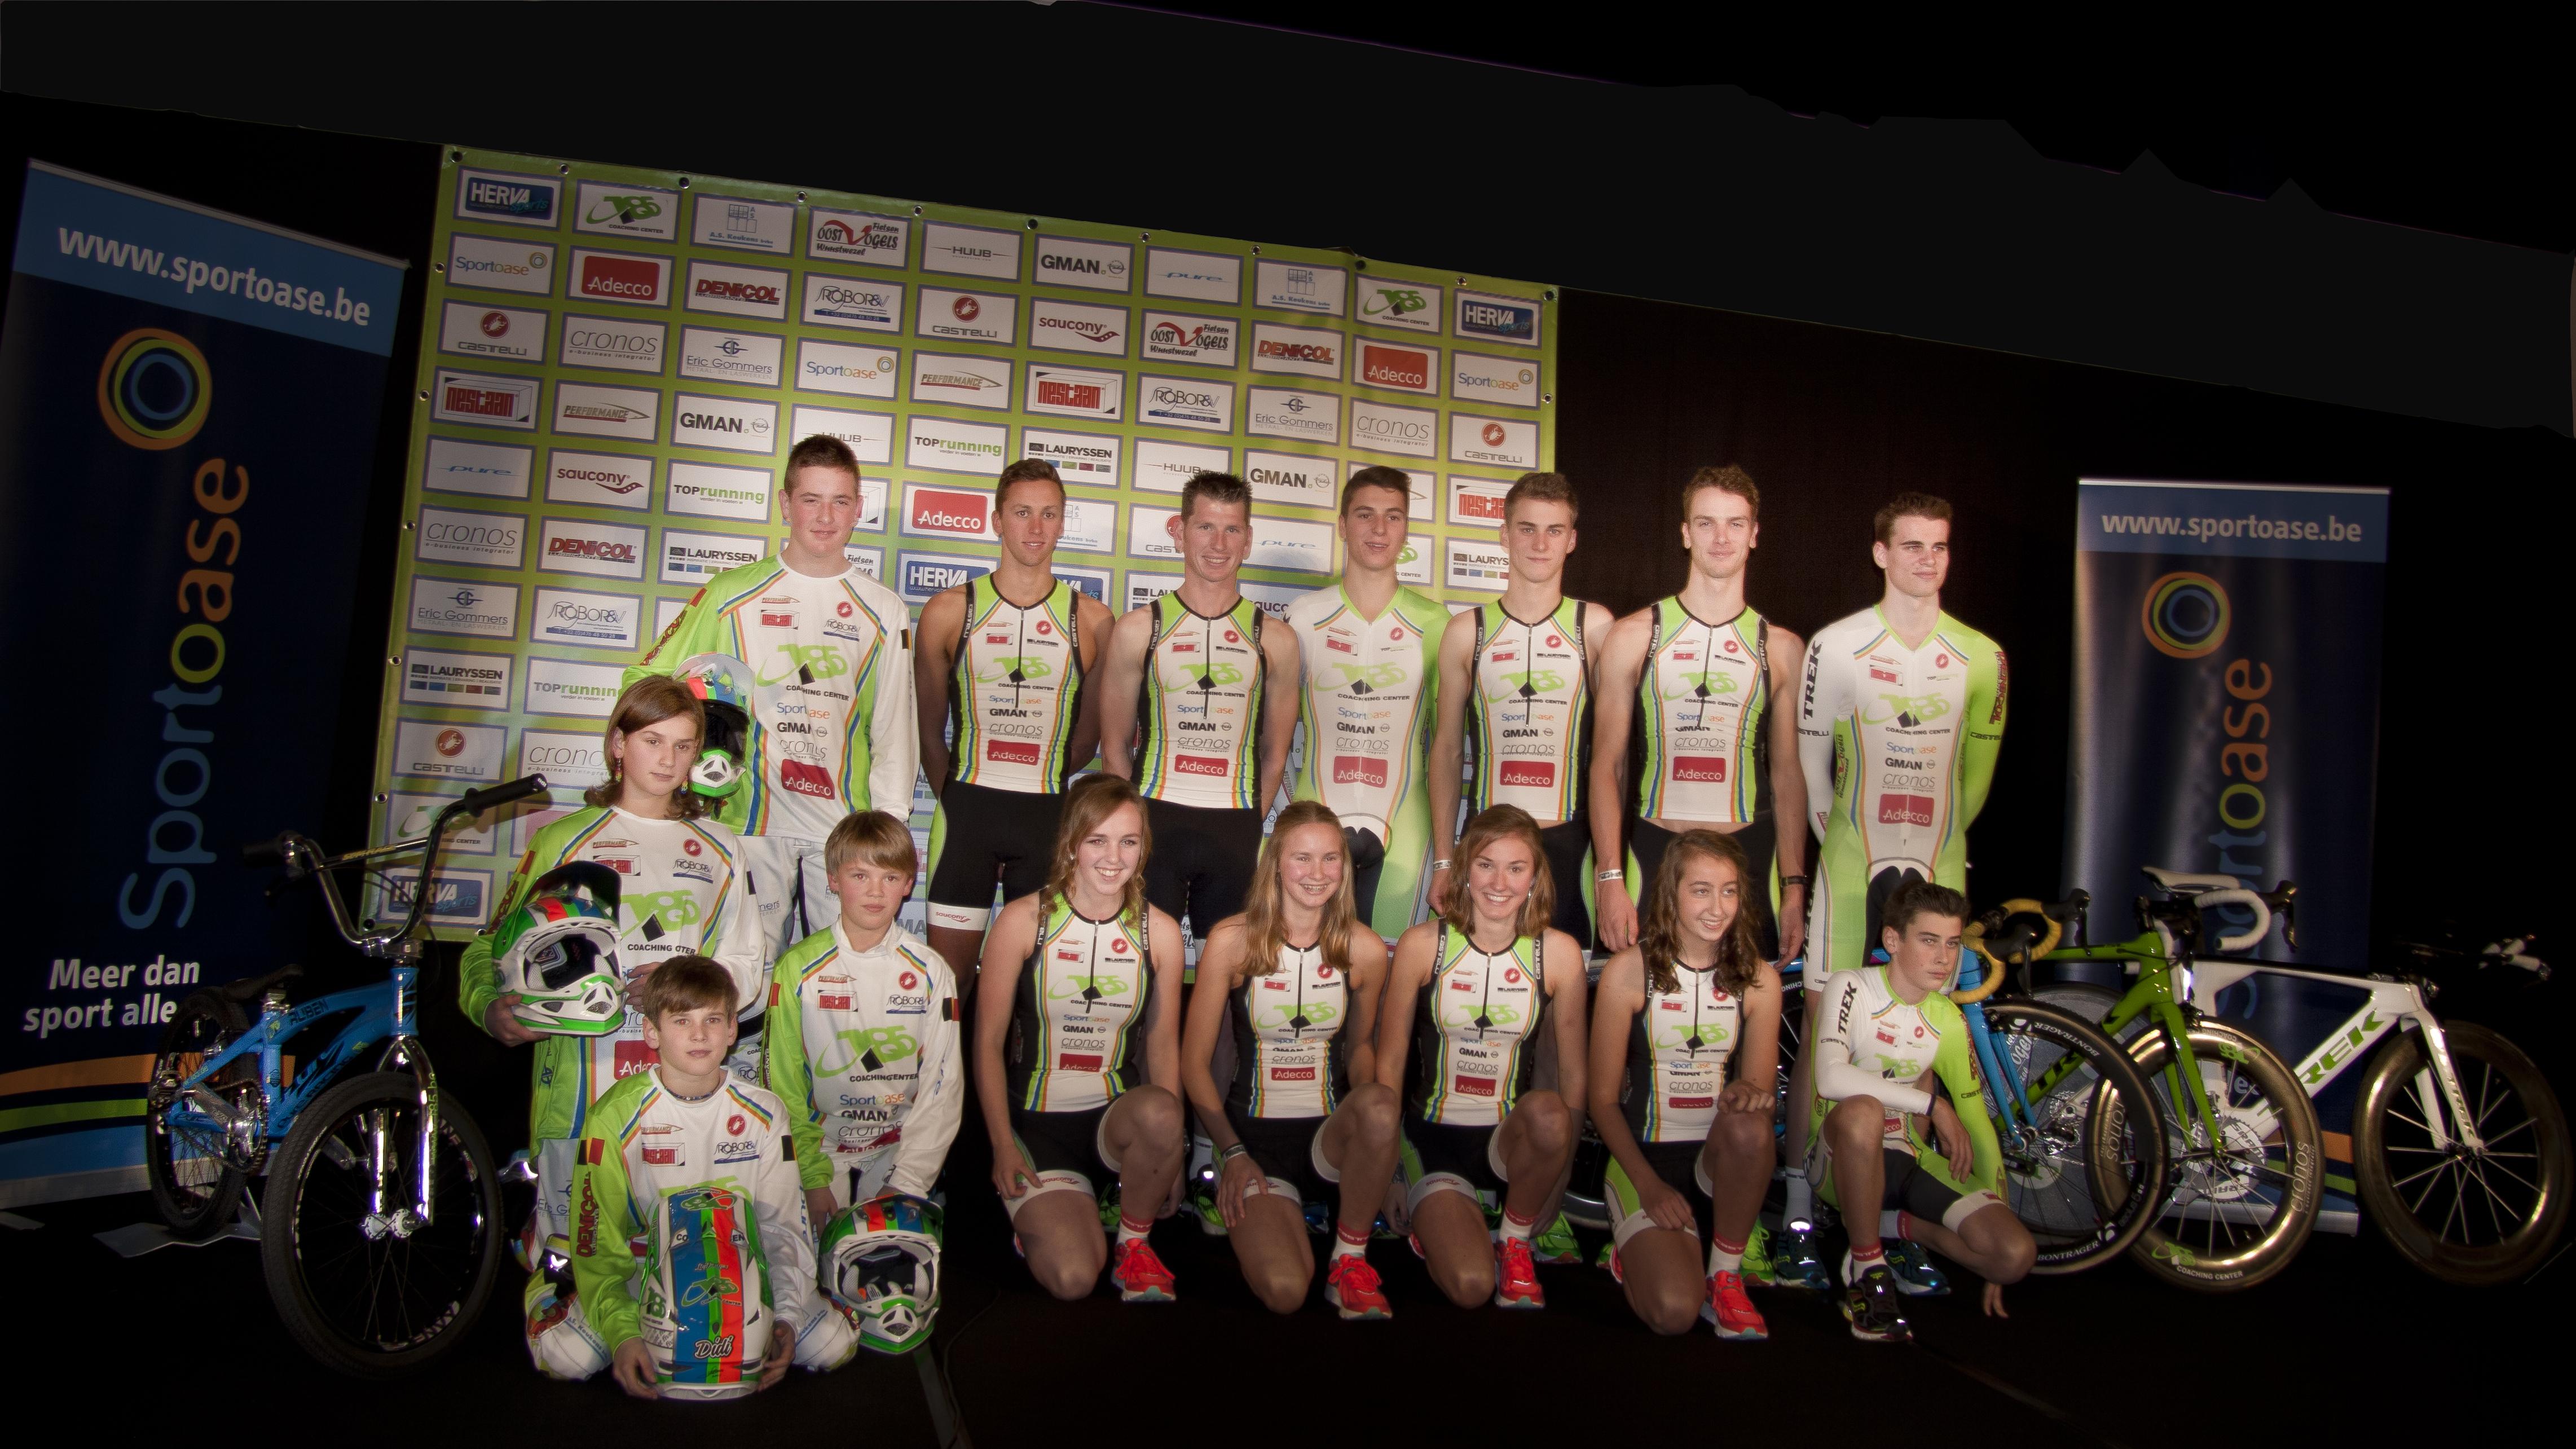 Voorstelling 185/Sportoase/Castelli Omnium team 2015